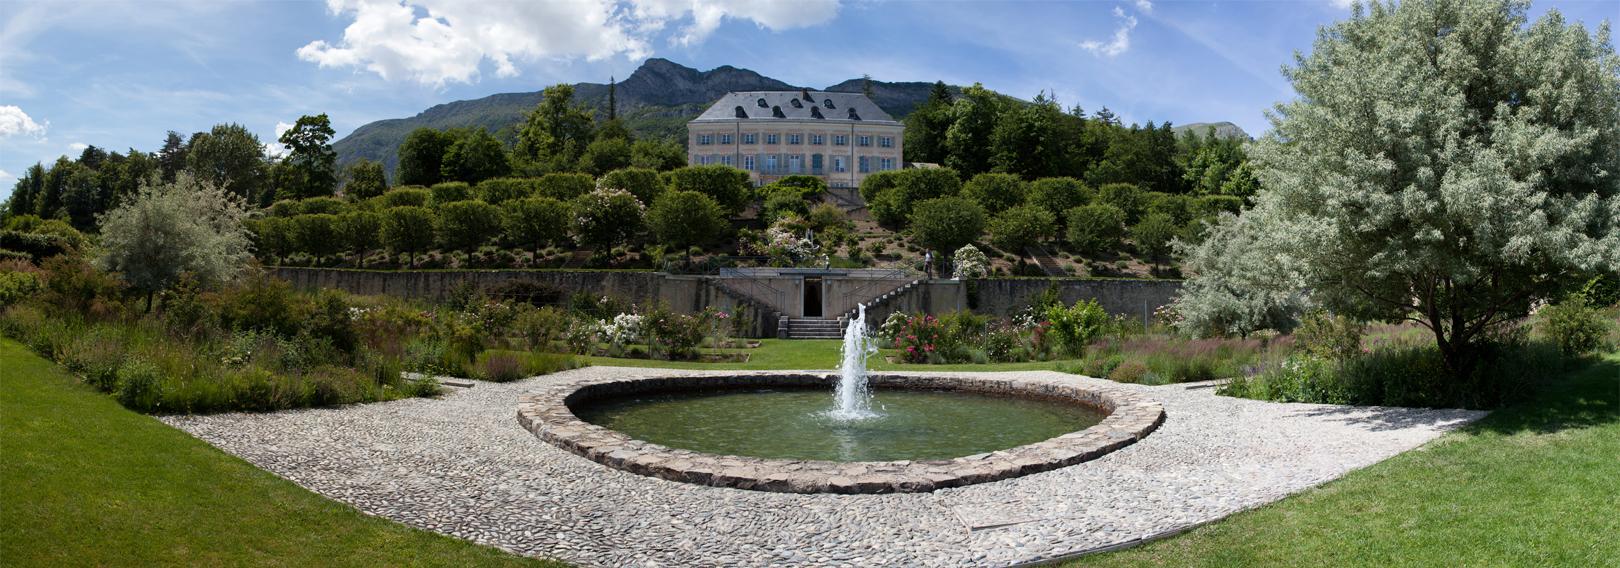 11  Château de Charance Gap